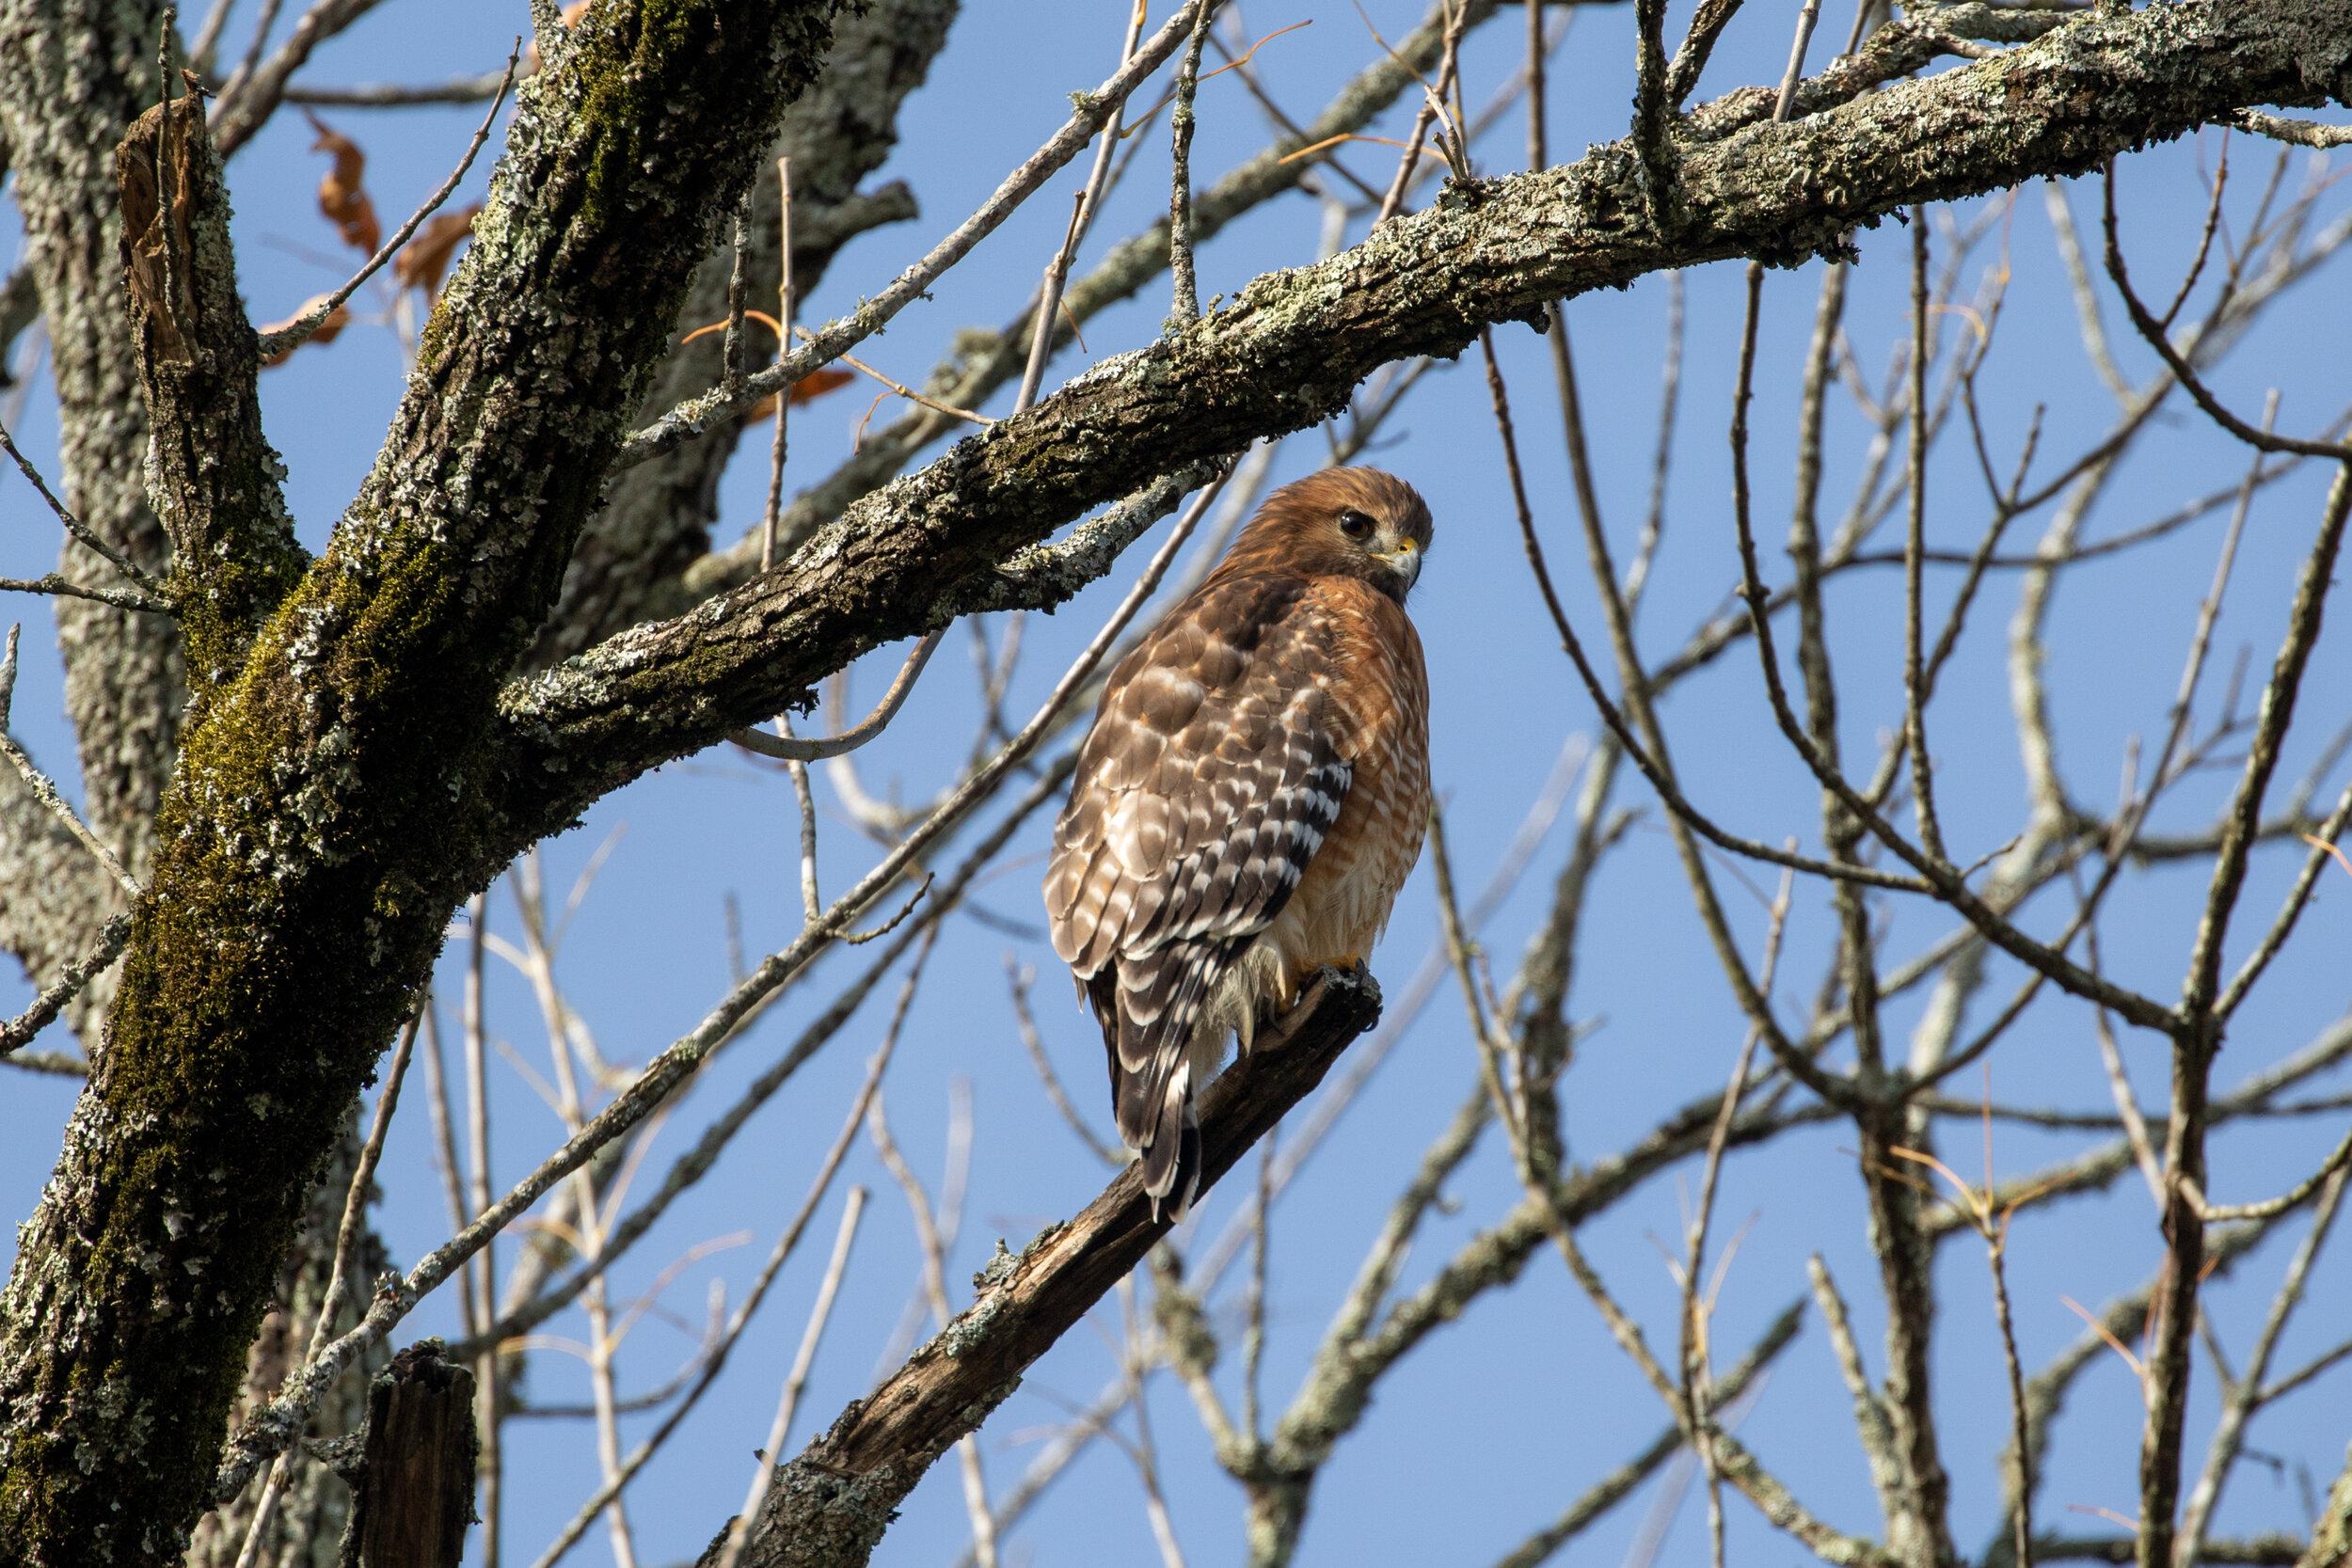 Red-shouldered Hawk, November 11, 2019